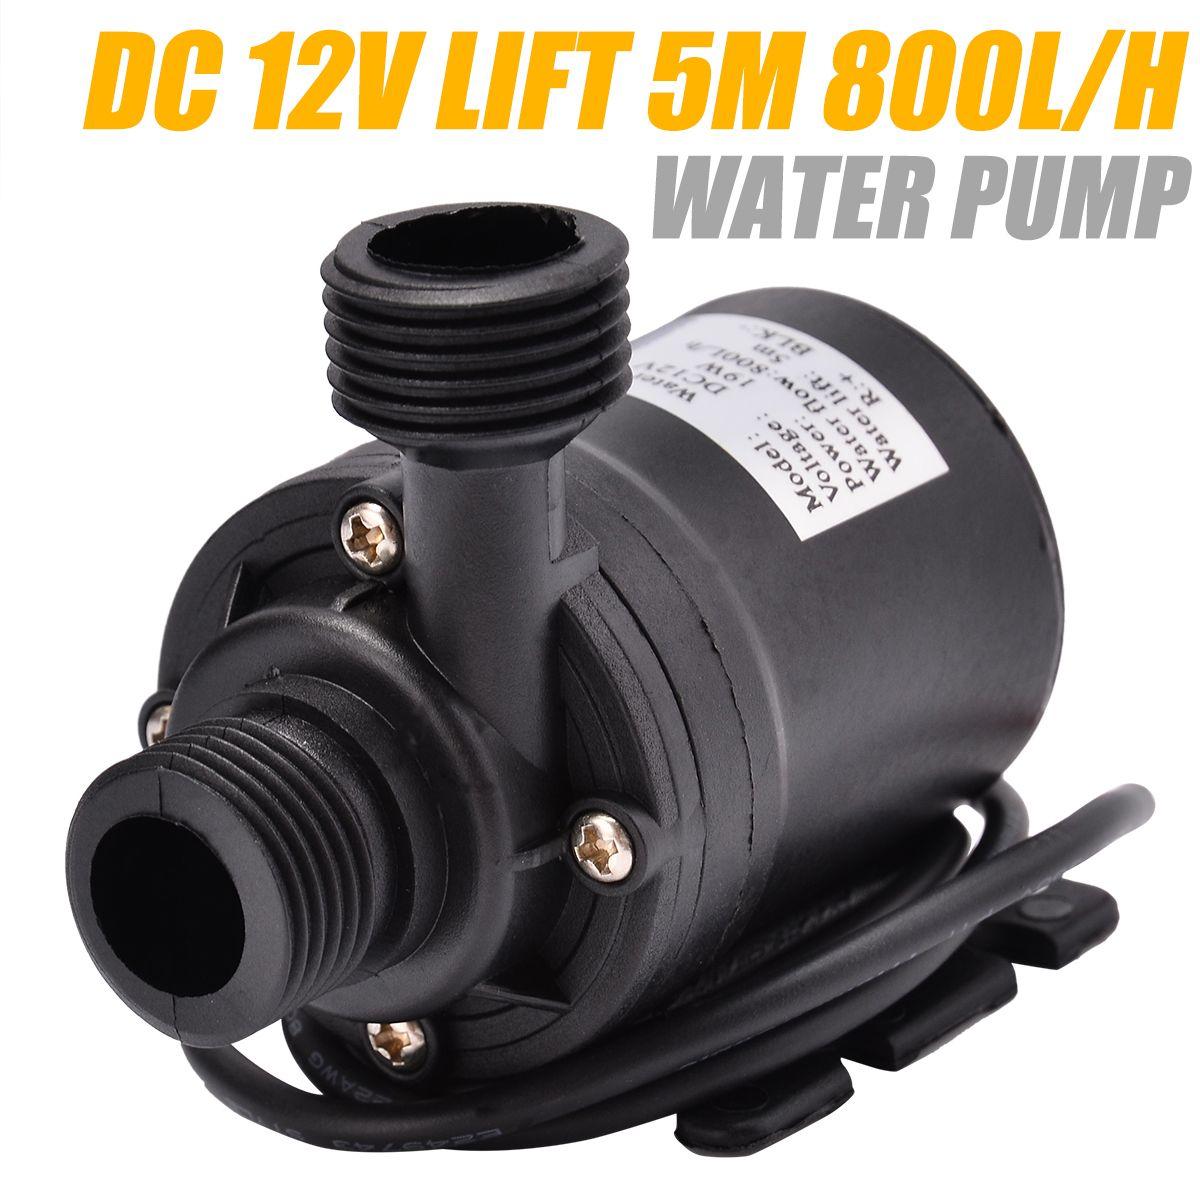 Pompe à eau Submersible Ultra silencieuse de Mini moteur sans brosse de pompe de fontaine d'eau filtre pompes à eau d'étang de poissons 5 M 800L/H DC12VAB